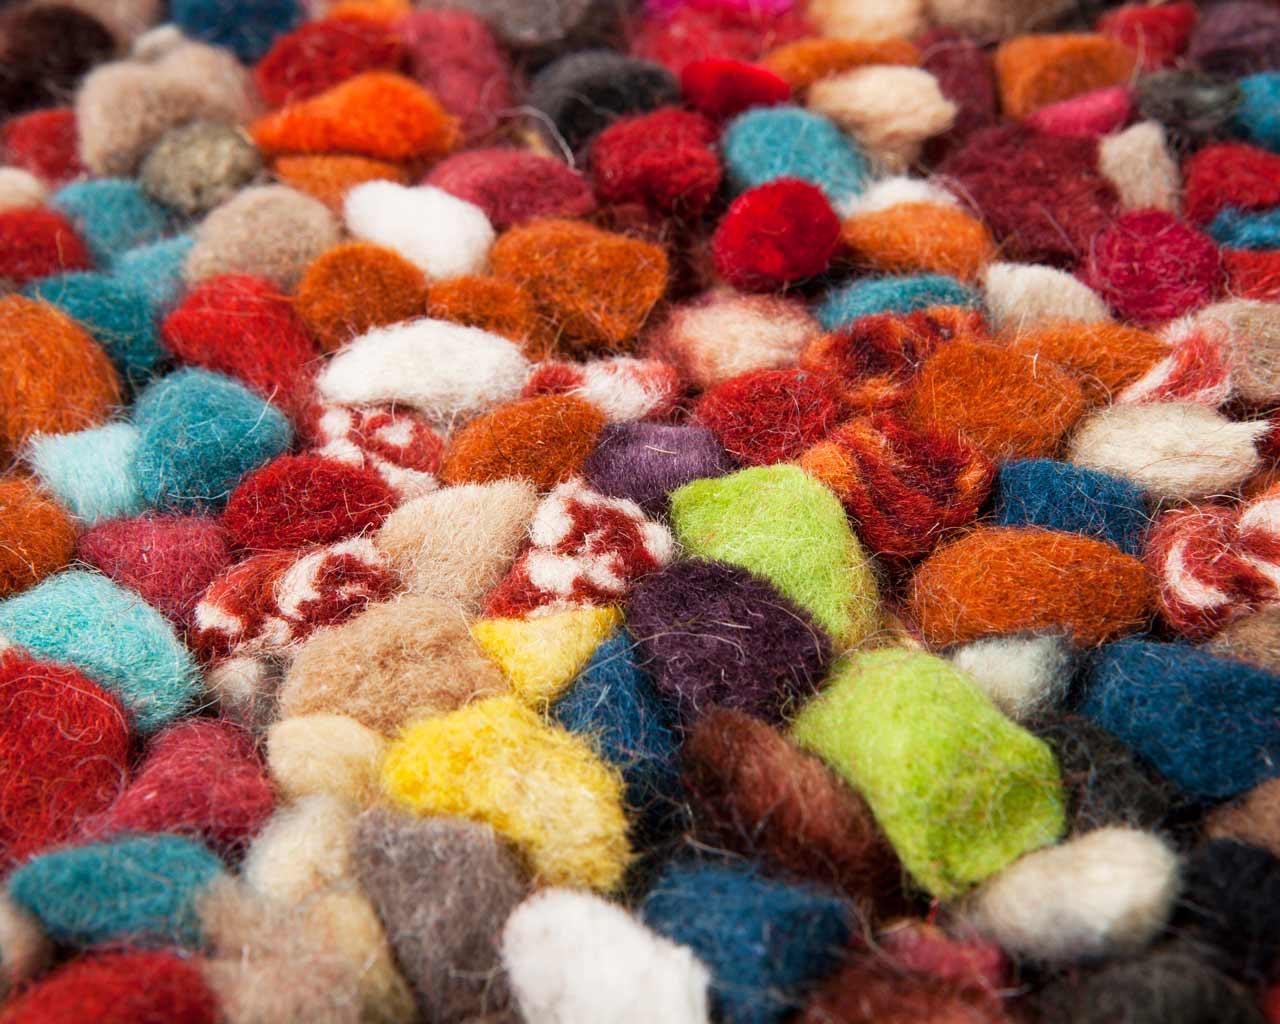 fantastische-tapijten-goedkope-kleuren